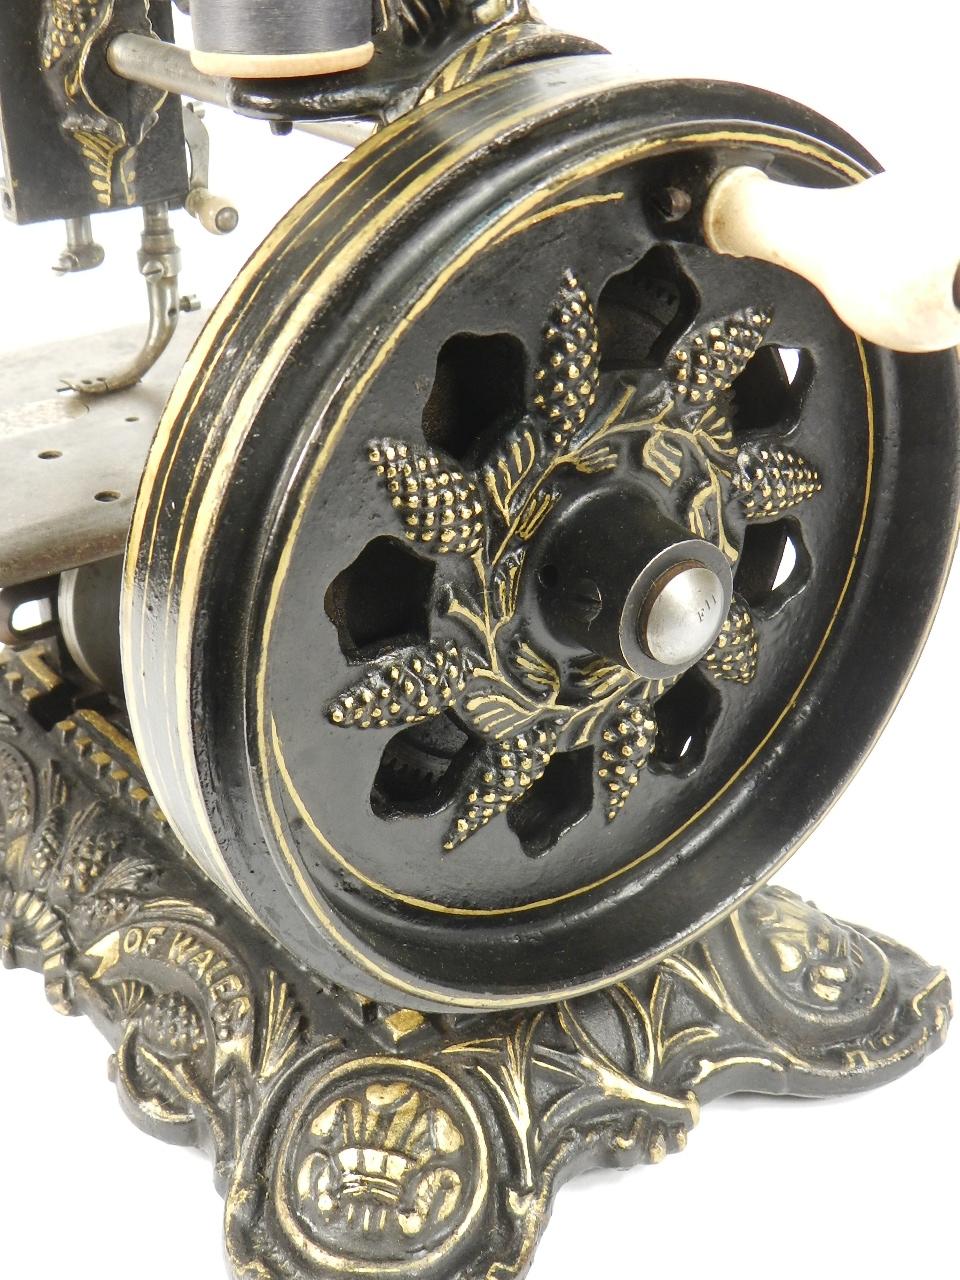 Imagen PRINCESS OF WALES AÑO 1878 33145